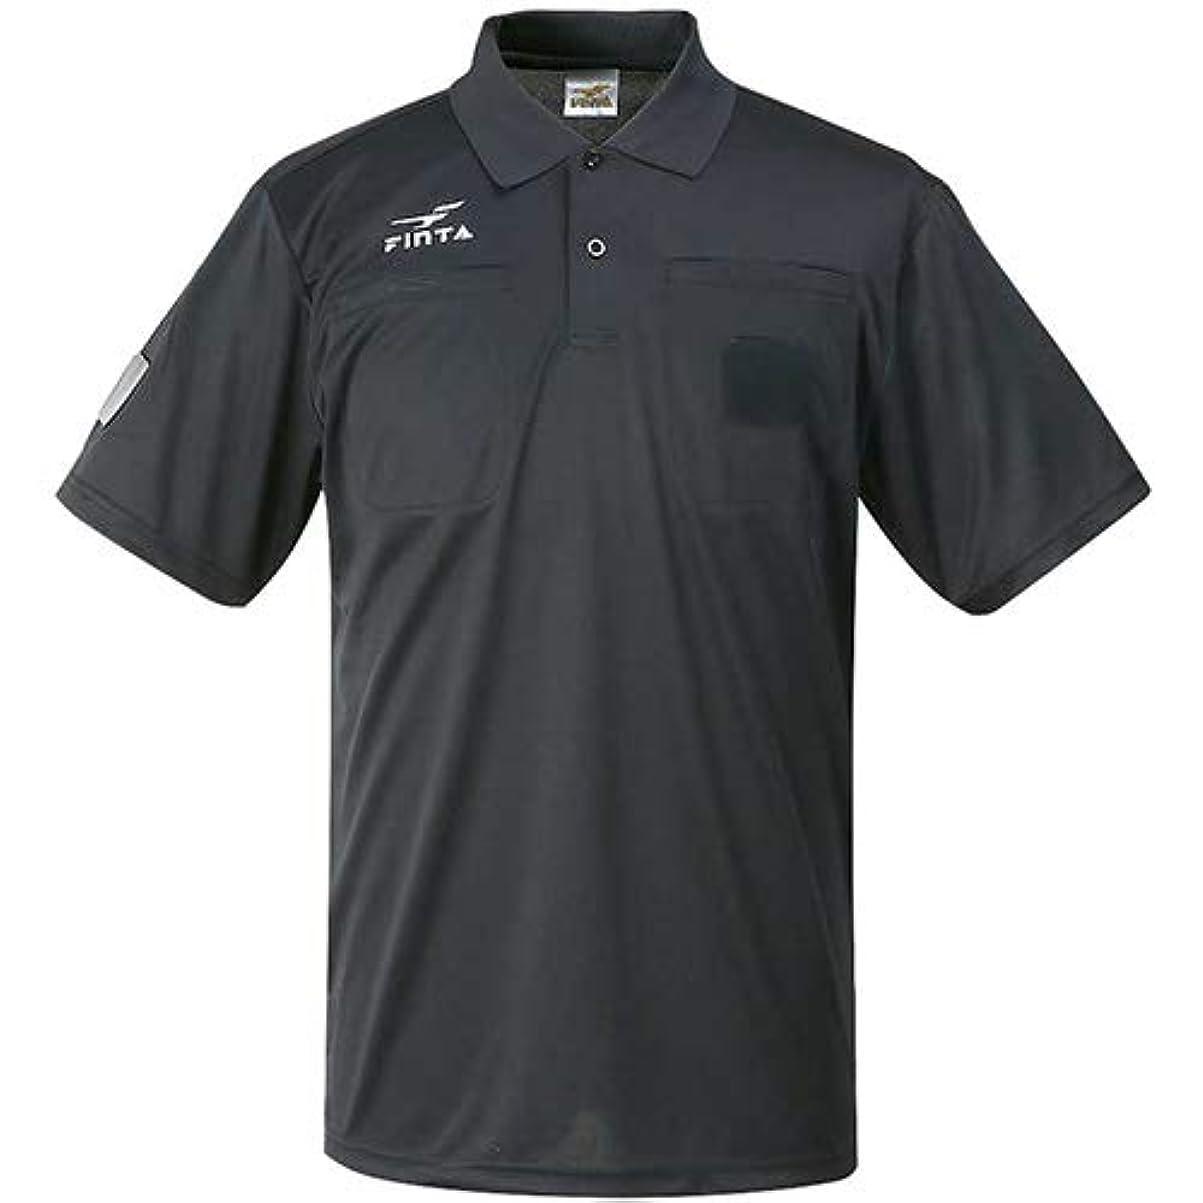 あいまいなかもめ次へ[フィンタ] メンズ サッカー 半袖レフリーシャツ ブラック FT5162 0500